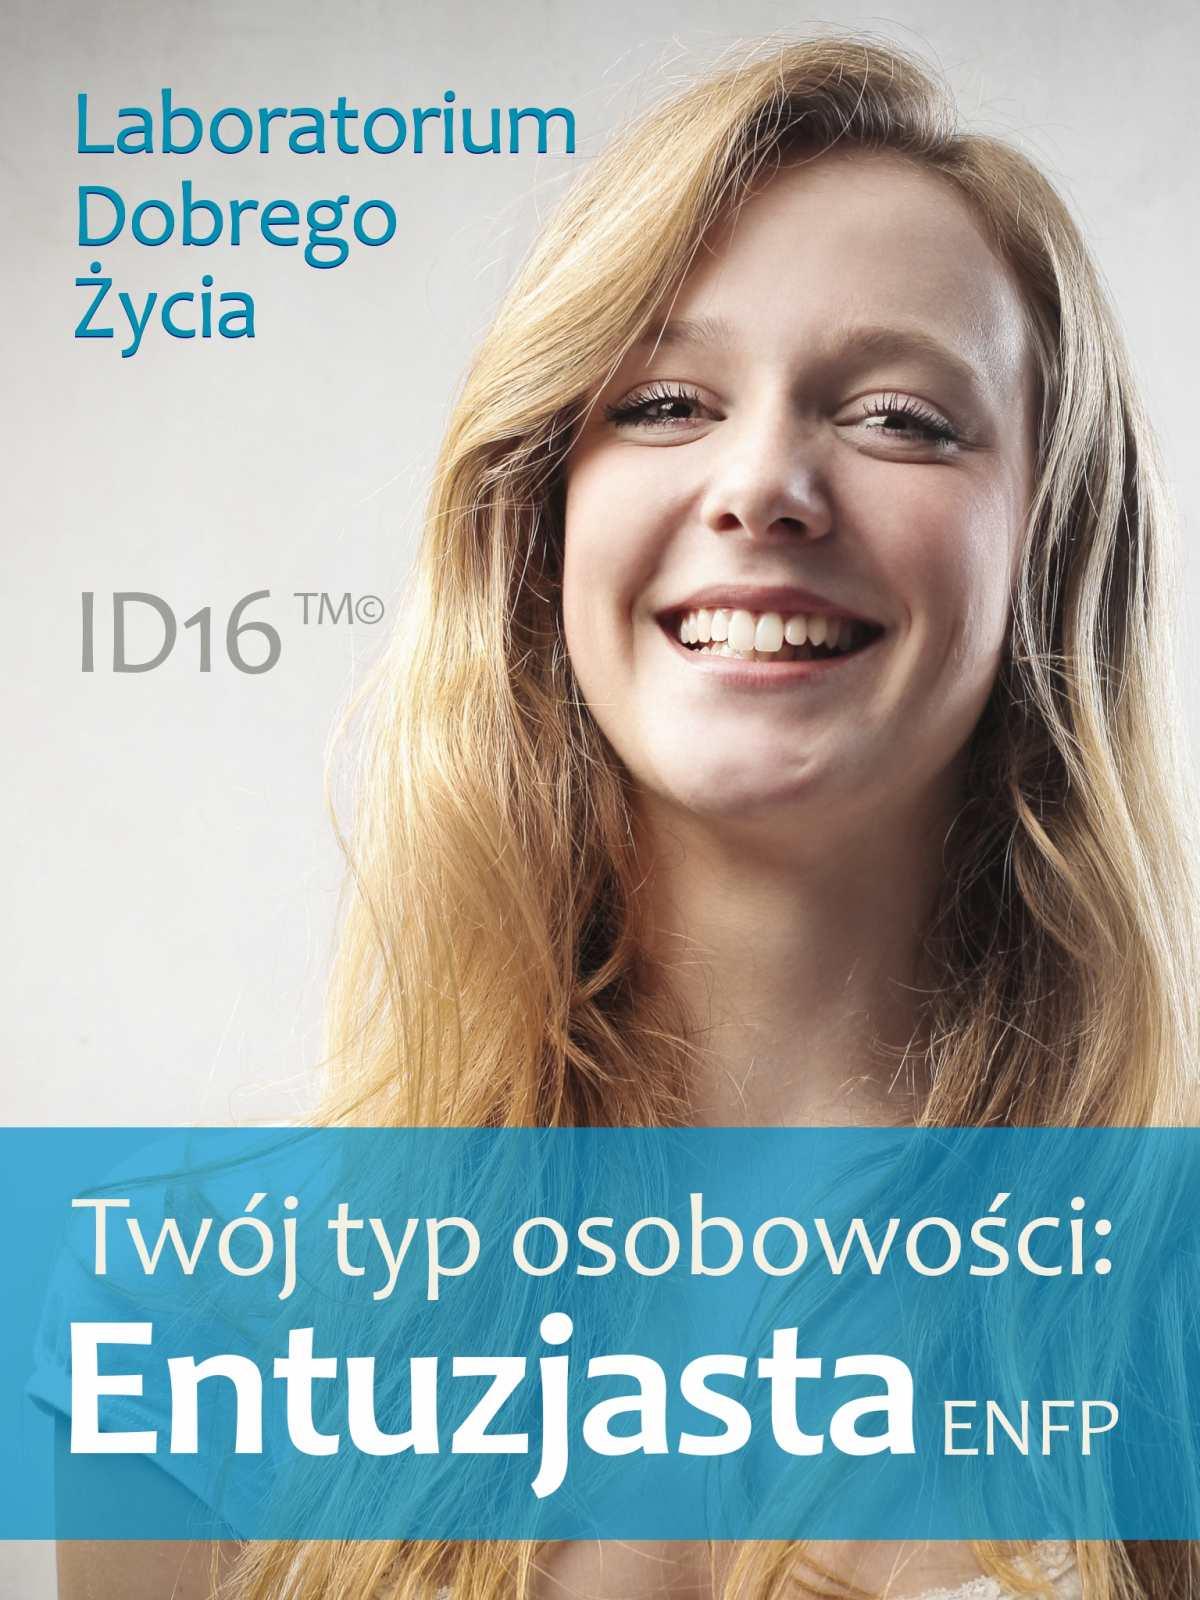 Twój typ osobowości: Entuzjasta (ENFP) - Ebook (Książka EPUB) do pobrania w formacie EPUB